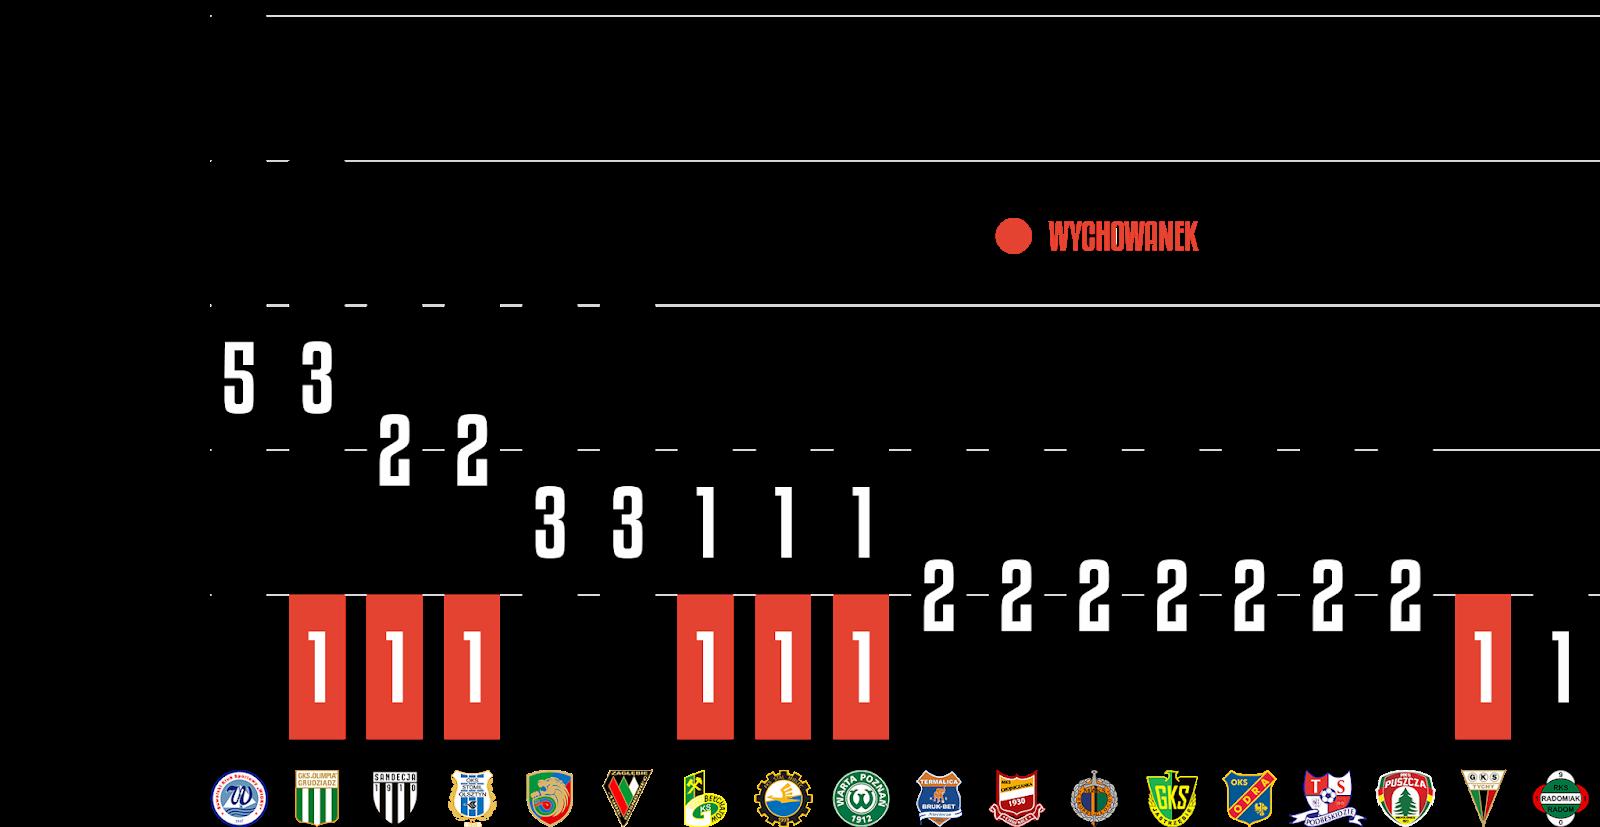 Młodzieżowcy w 21. kolejce Fortuna 1 Ligi<br><br>Źródło: Opracowanie własne na podstawie 90minut.pl<br><br>graf. Bartosz Urban